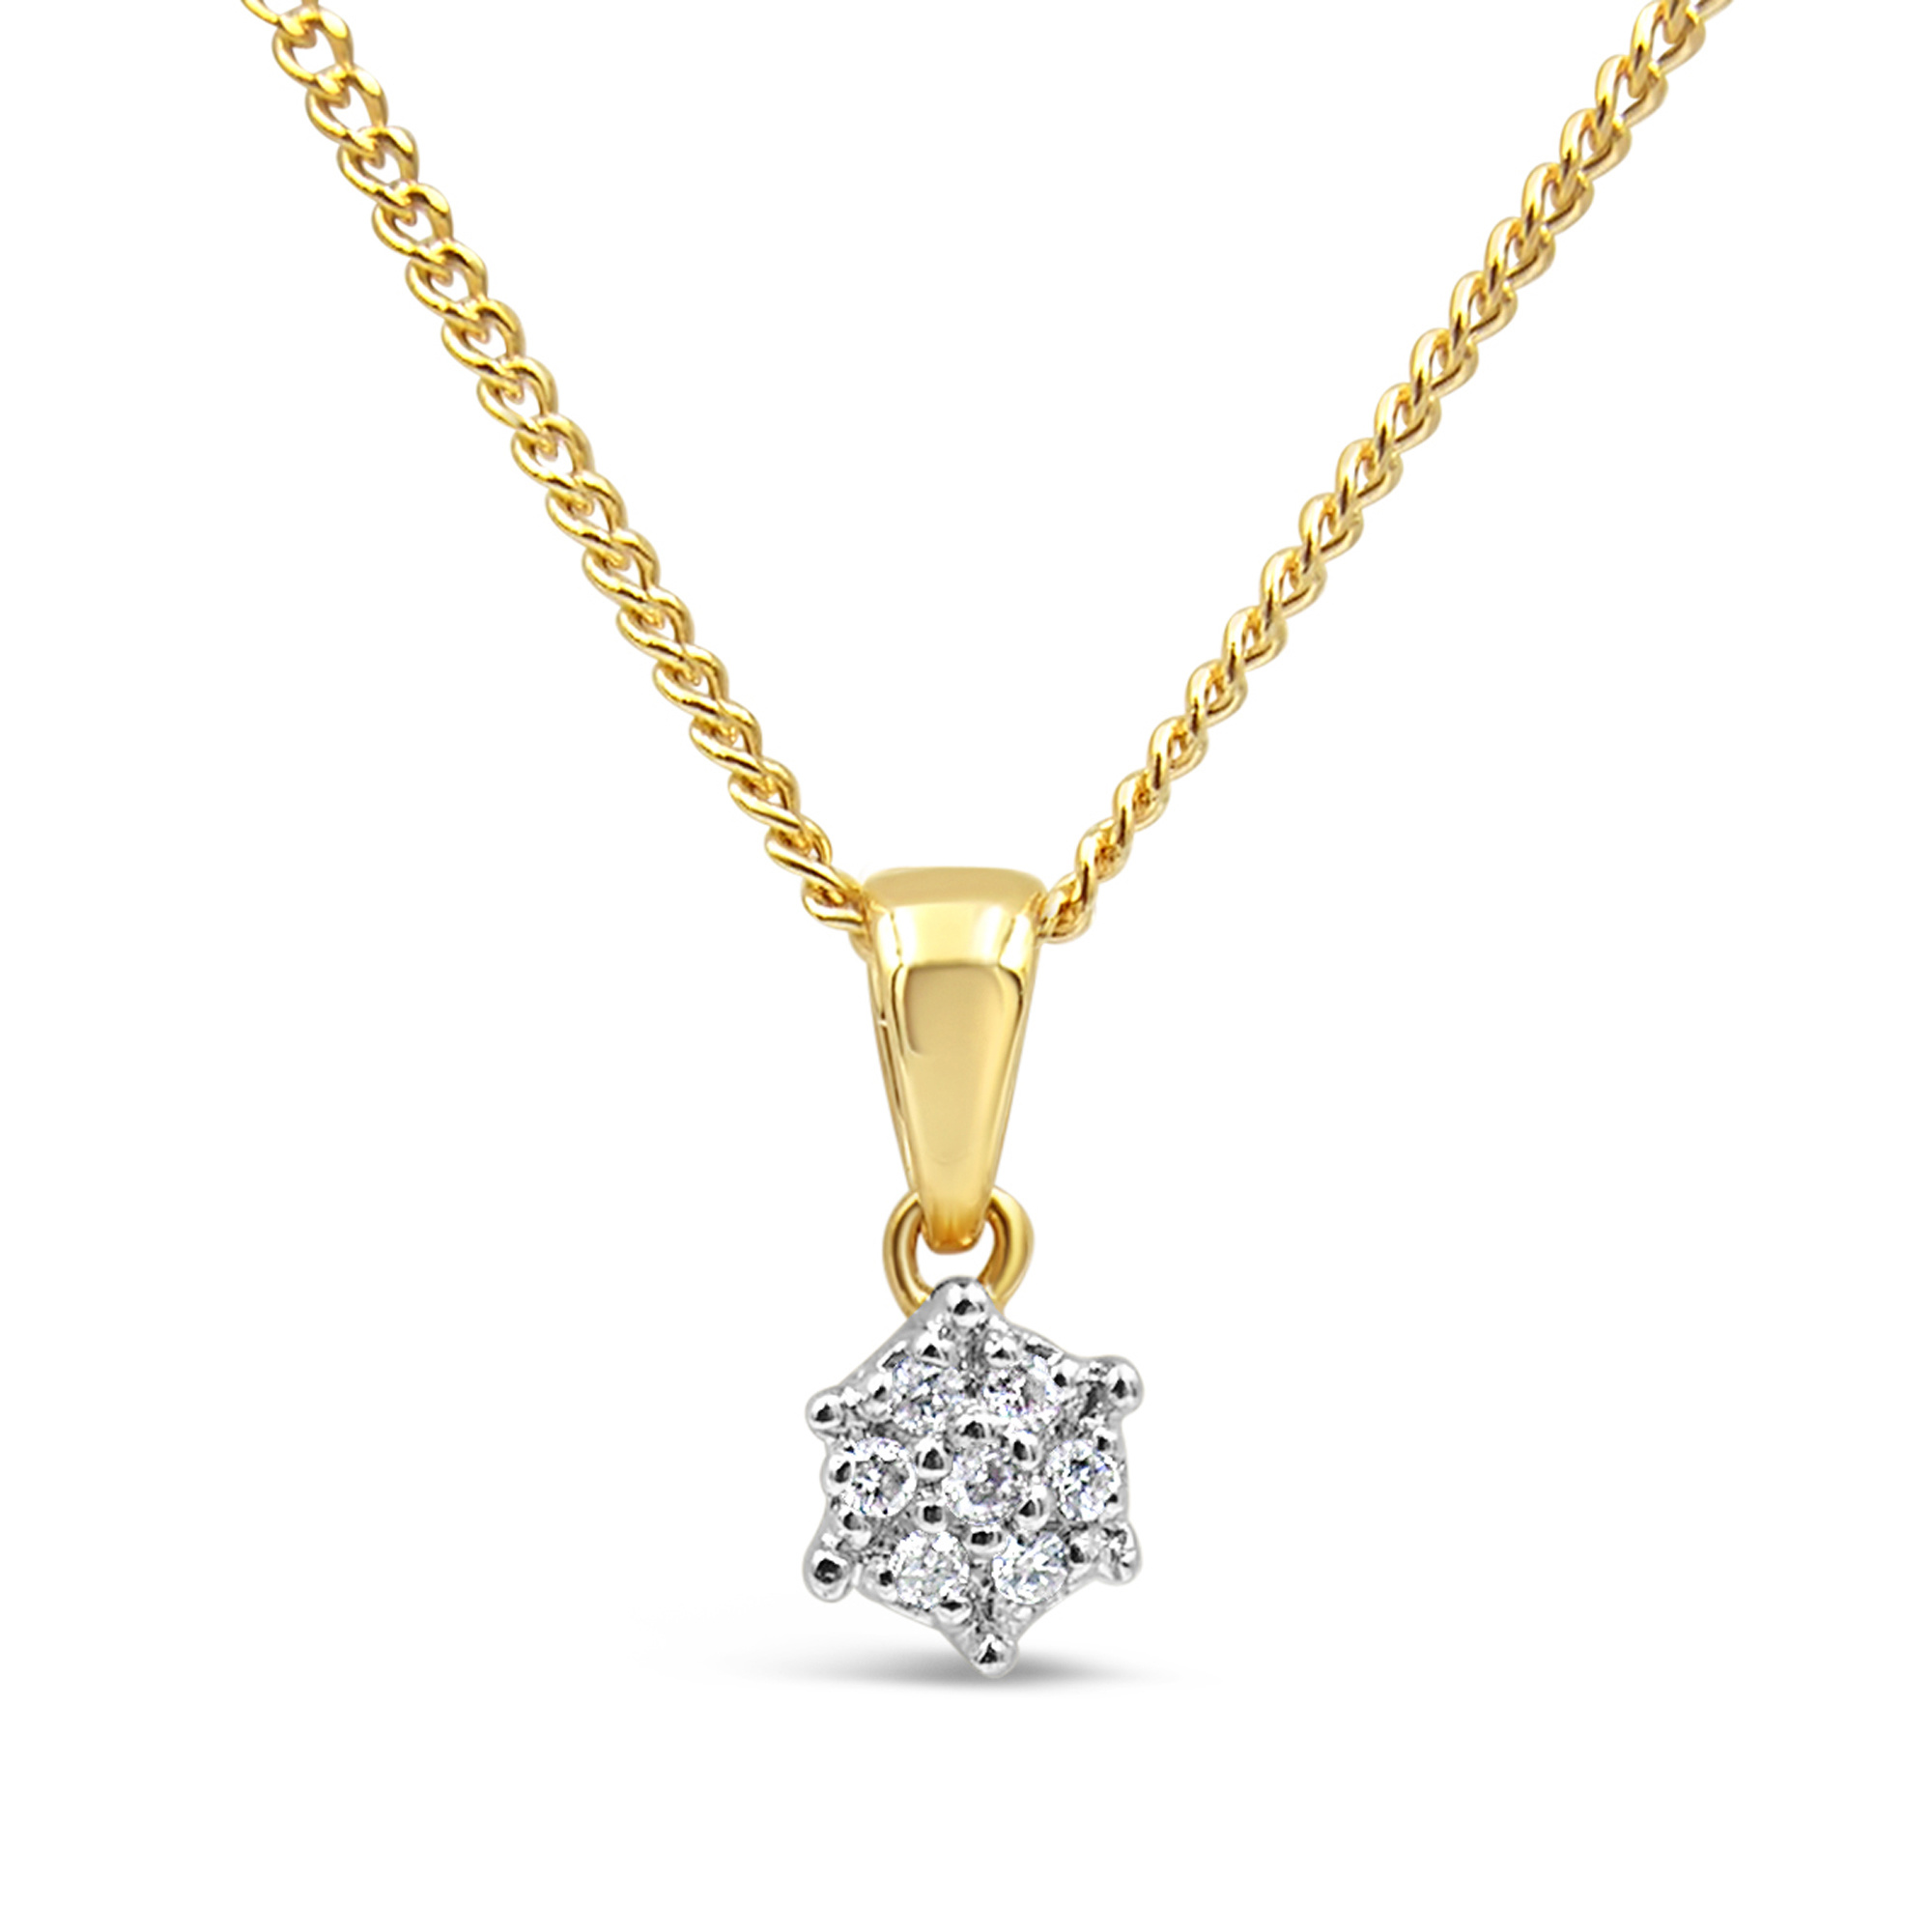 18kt geel & wit goud hanger met 0.05 ct diamanten